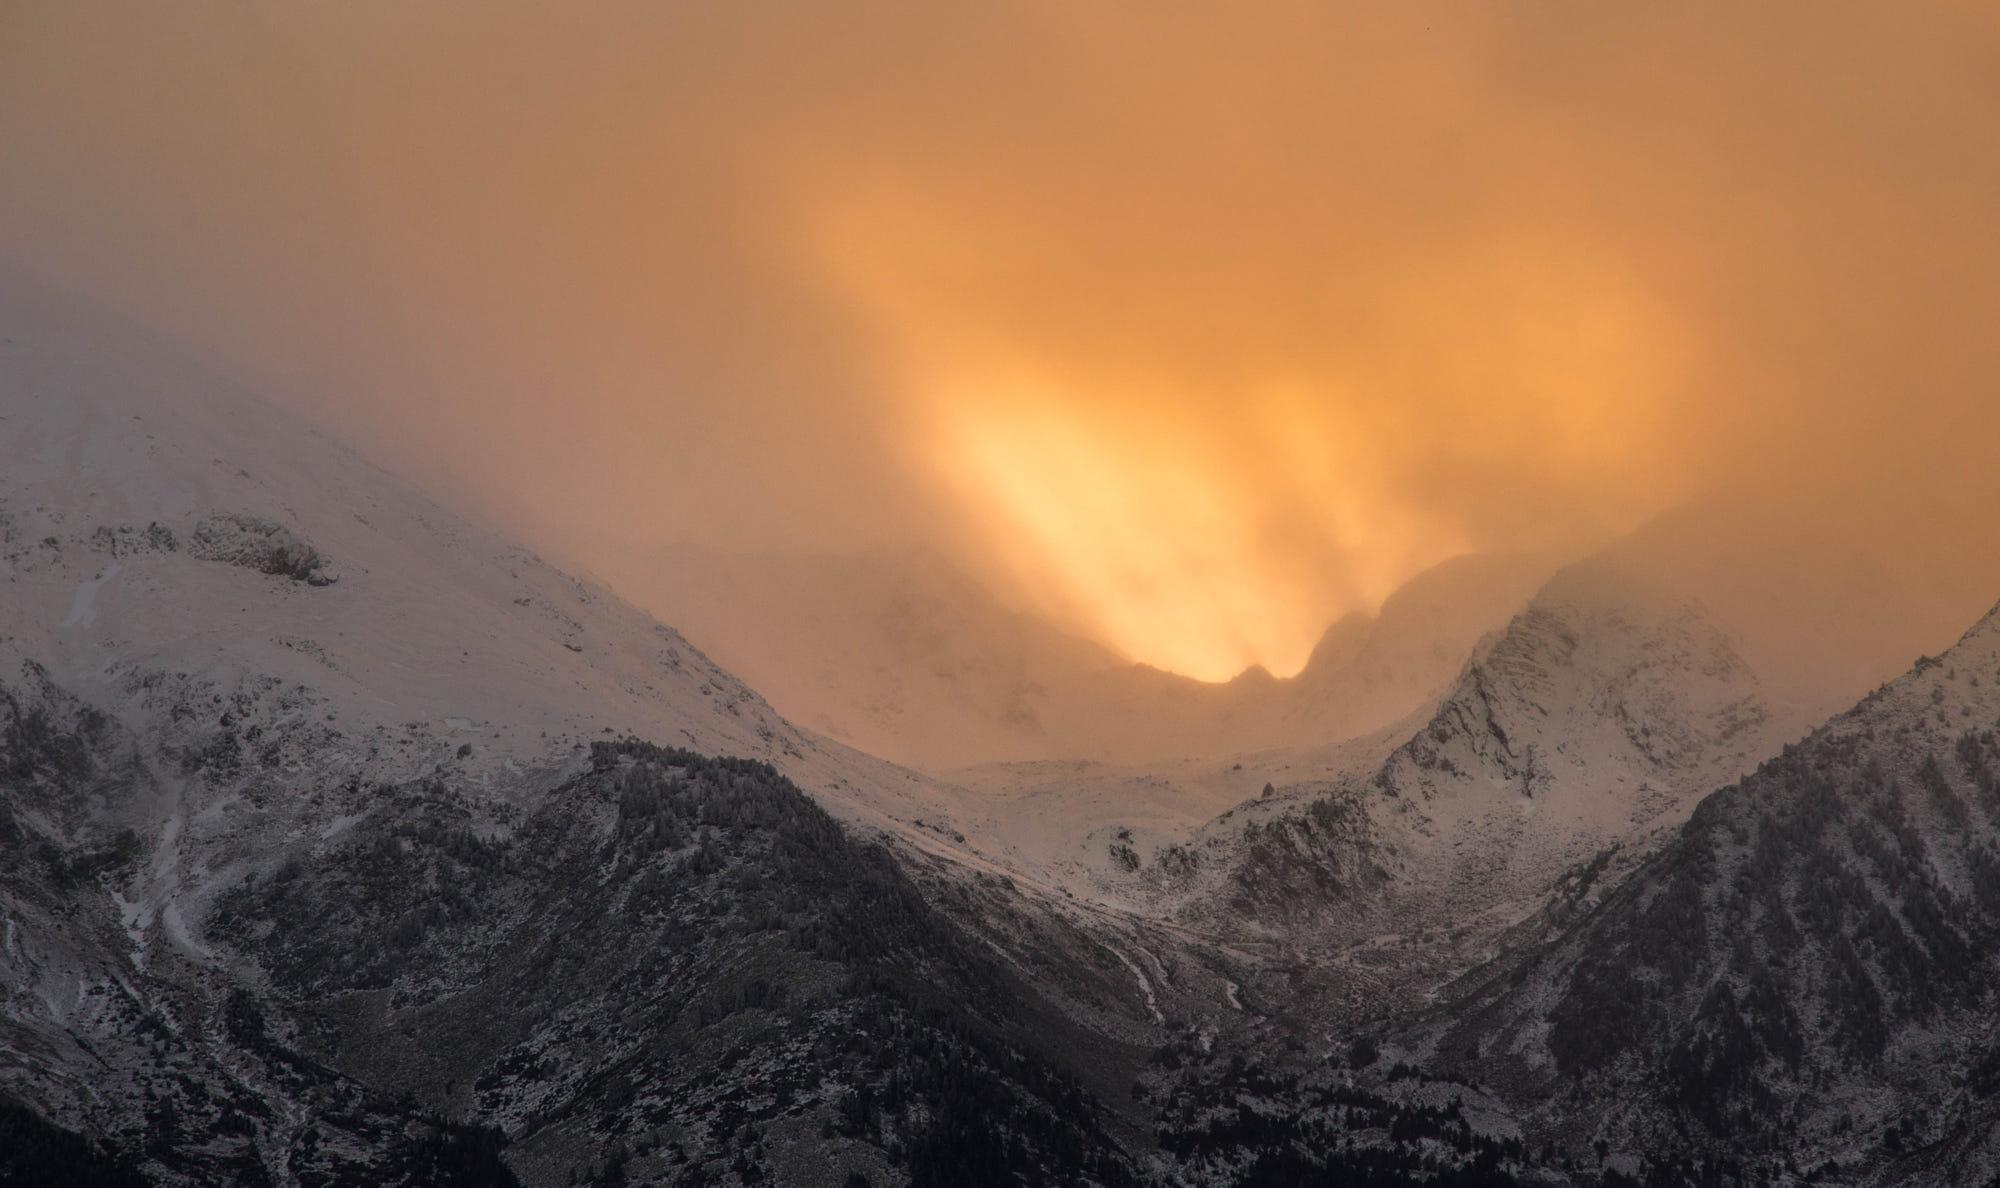 Sunset Burning